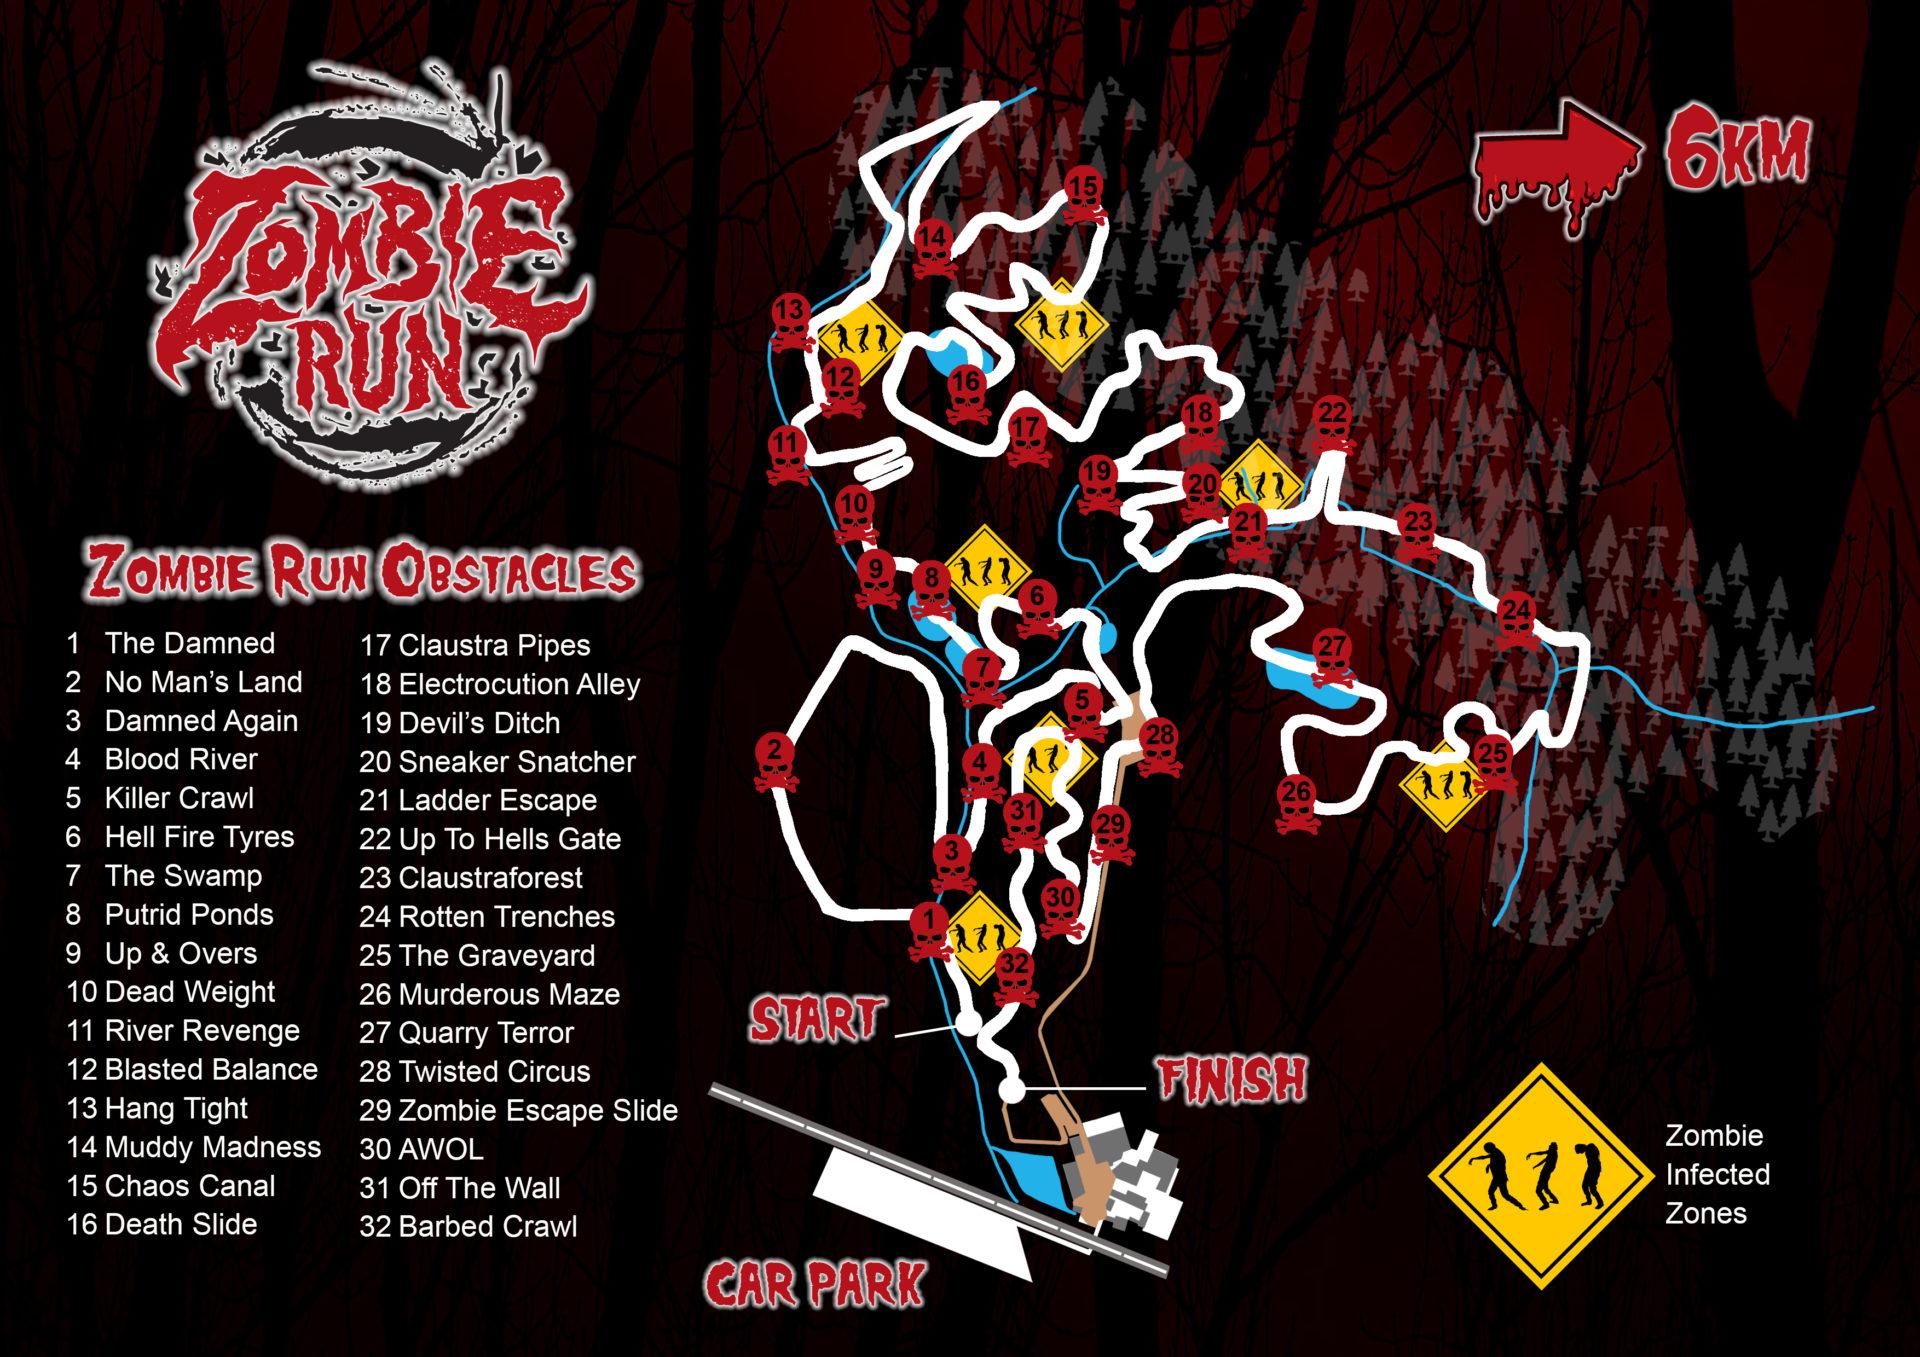 Zombie Run 2017 map